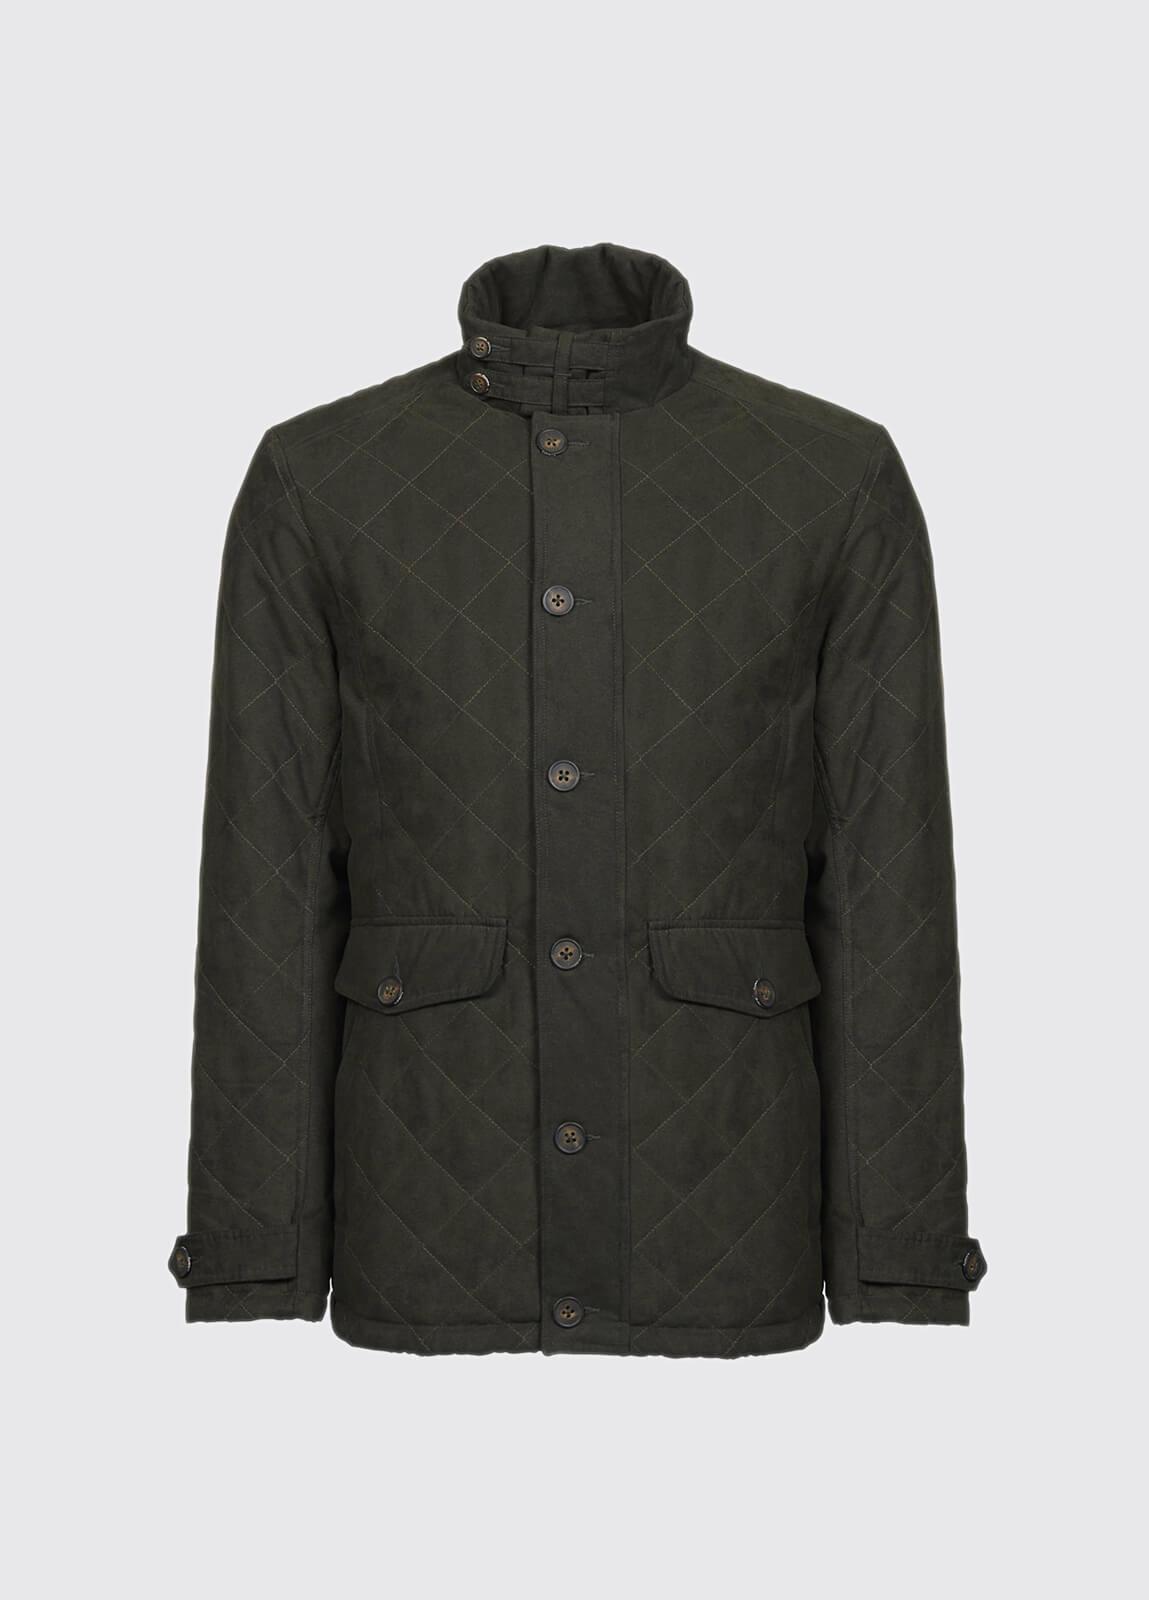 Donovan Men's Jacket - Verdigris